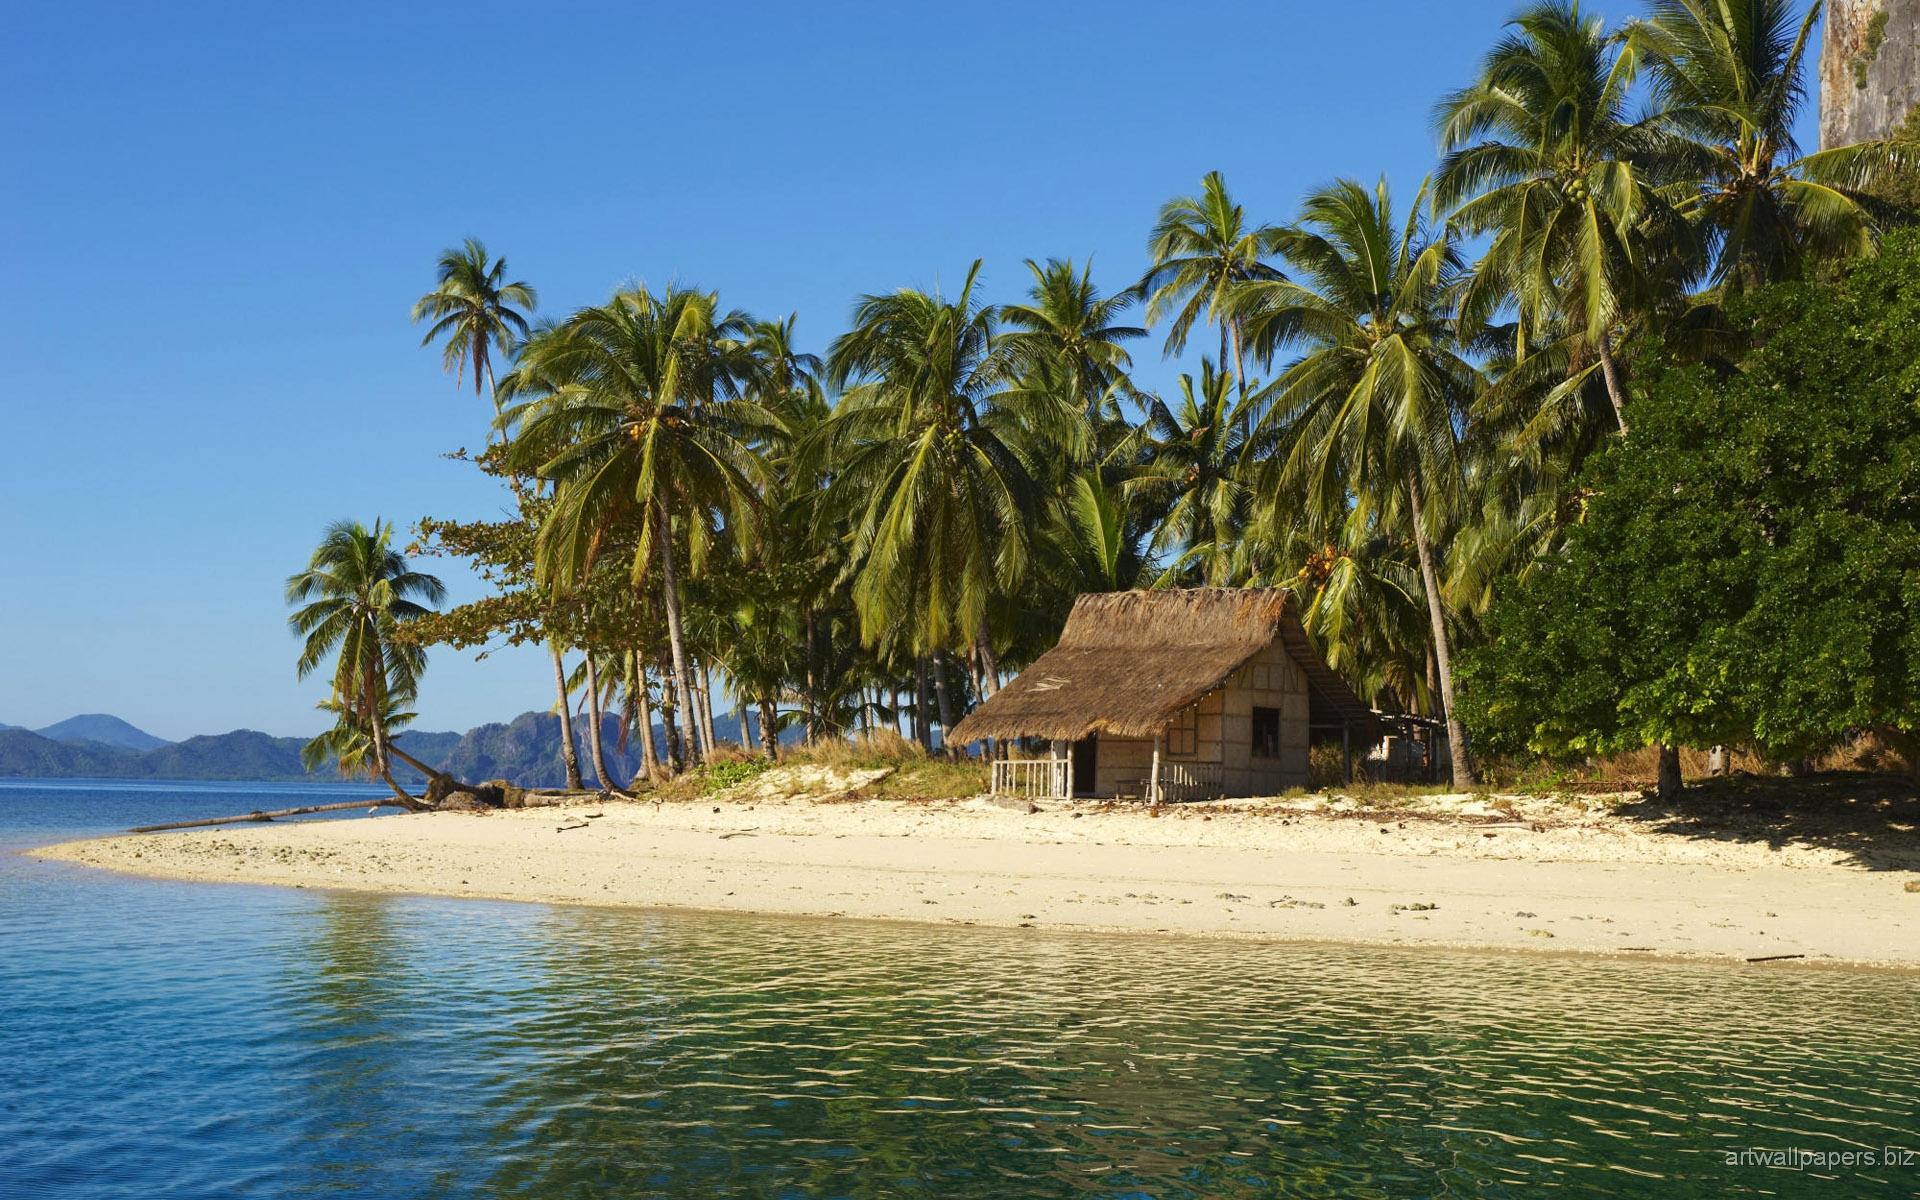 Tropical Islands Wallpapers Tropical Islands Desktop 1920x1200